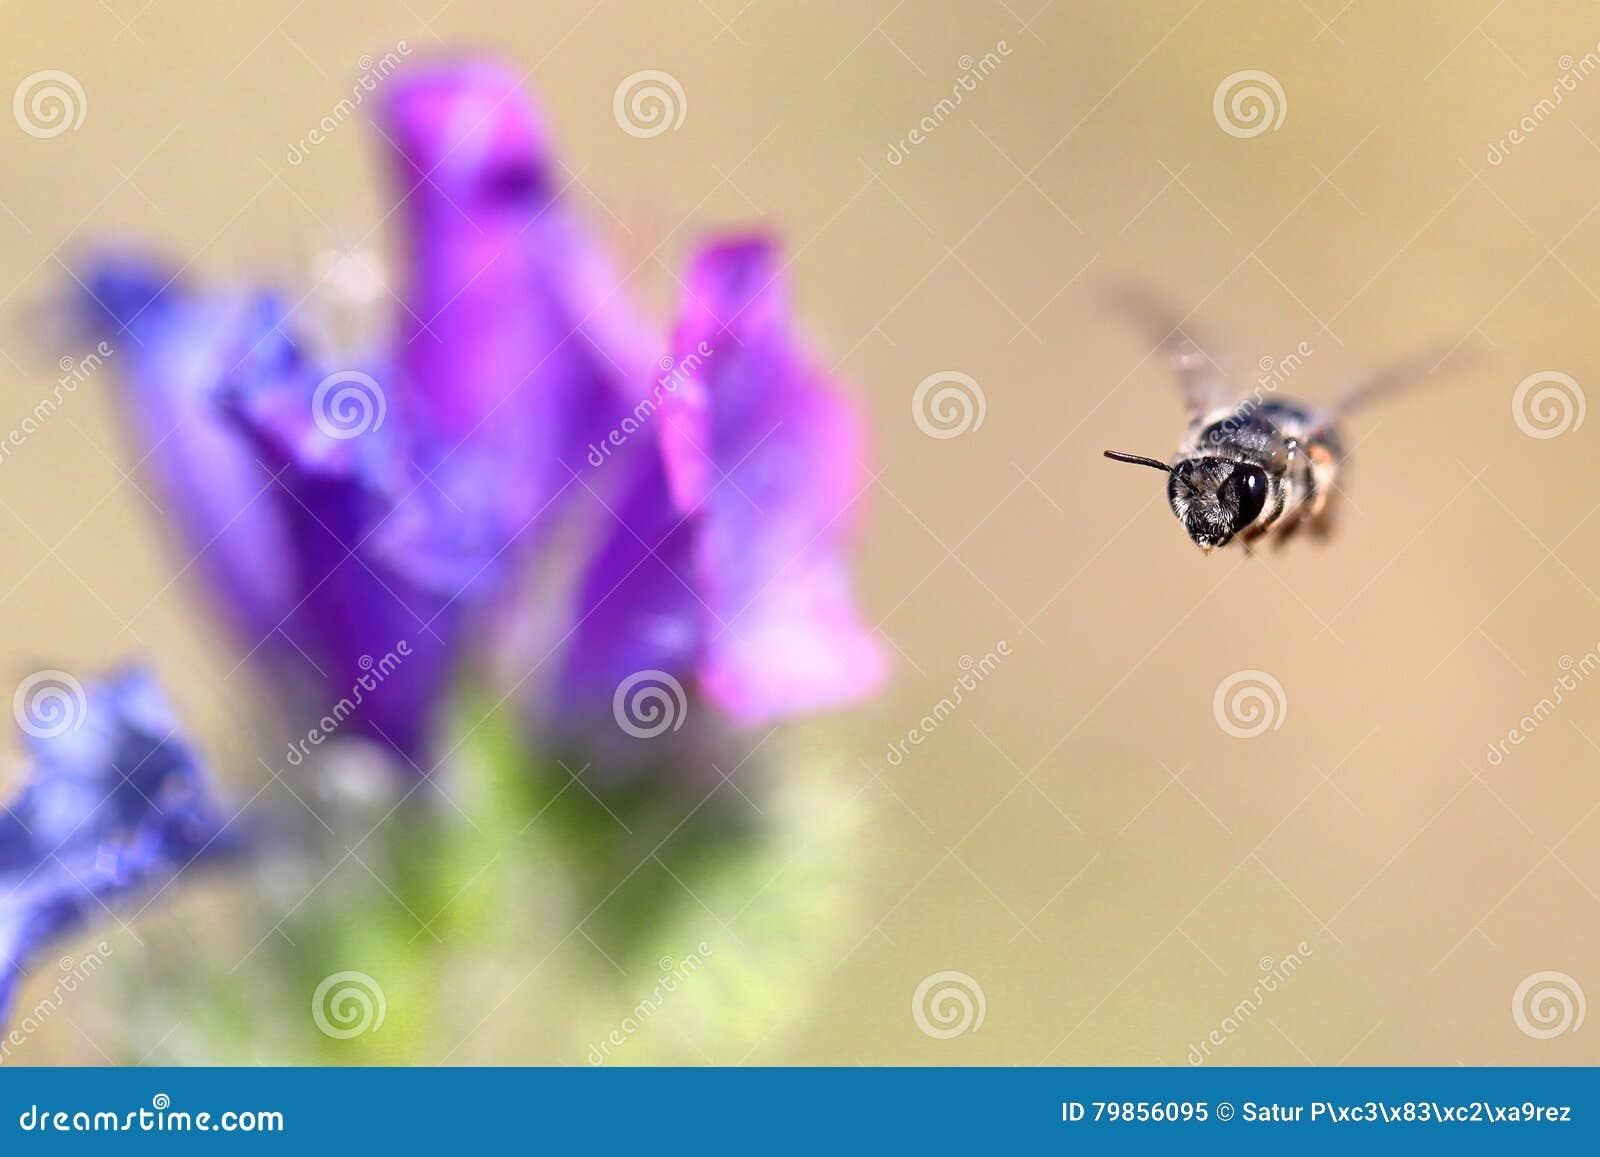 在空中捉住的蜂